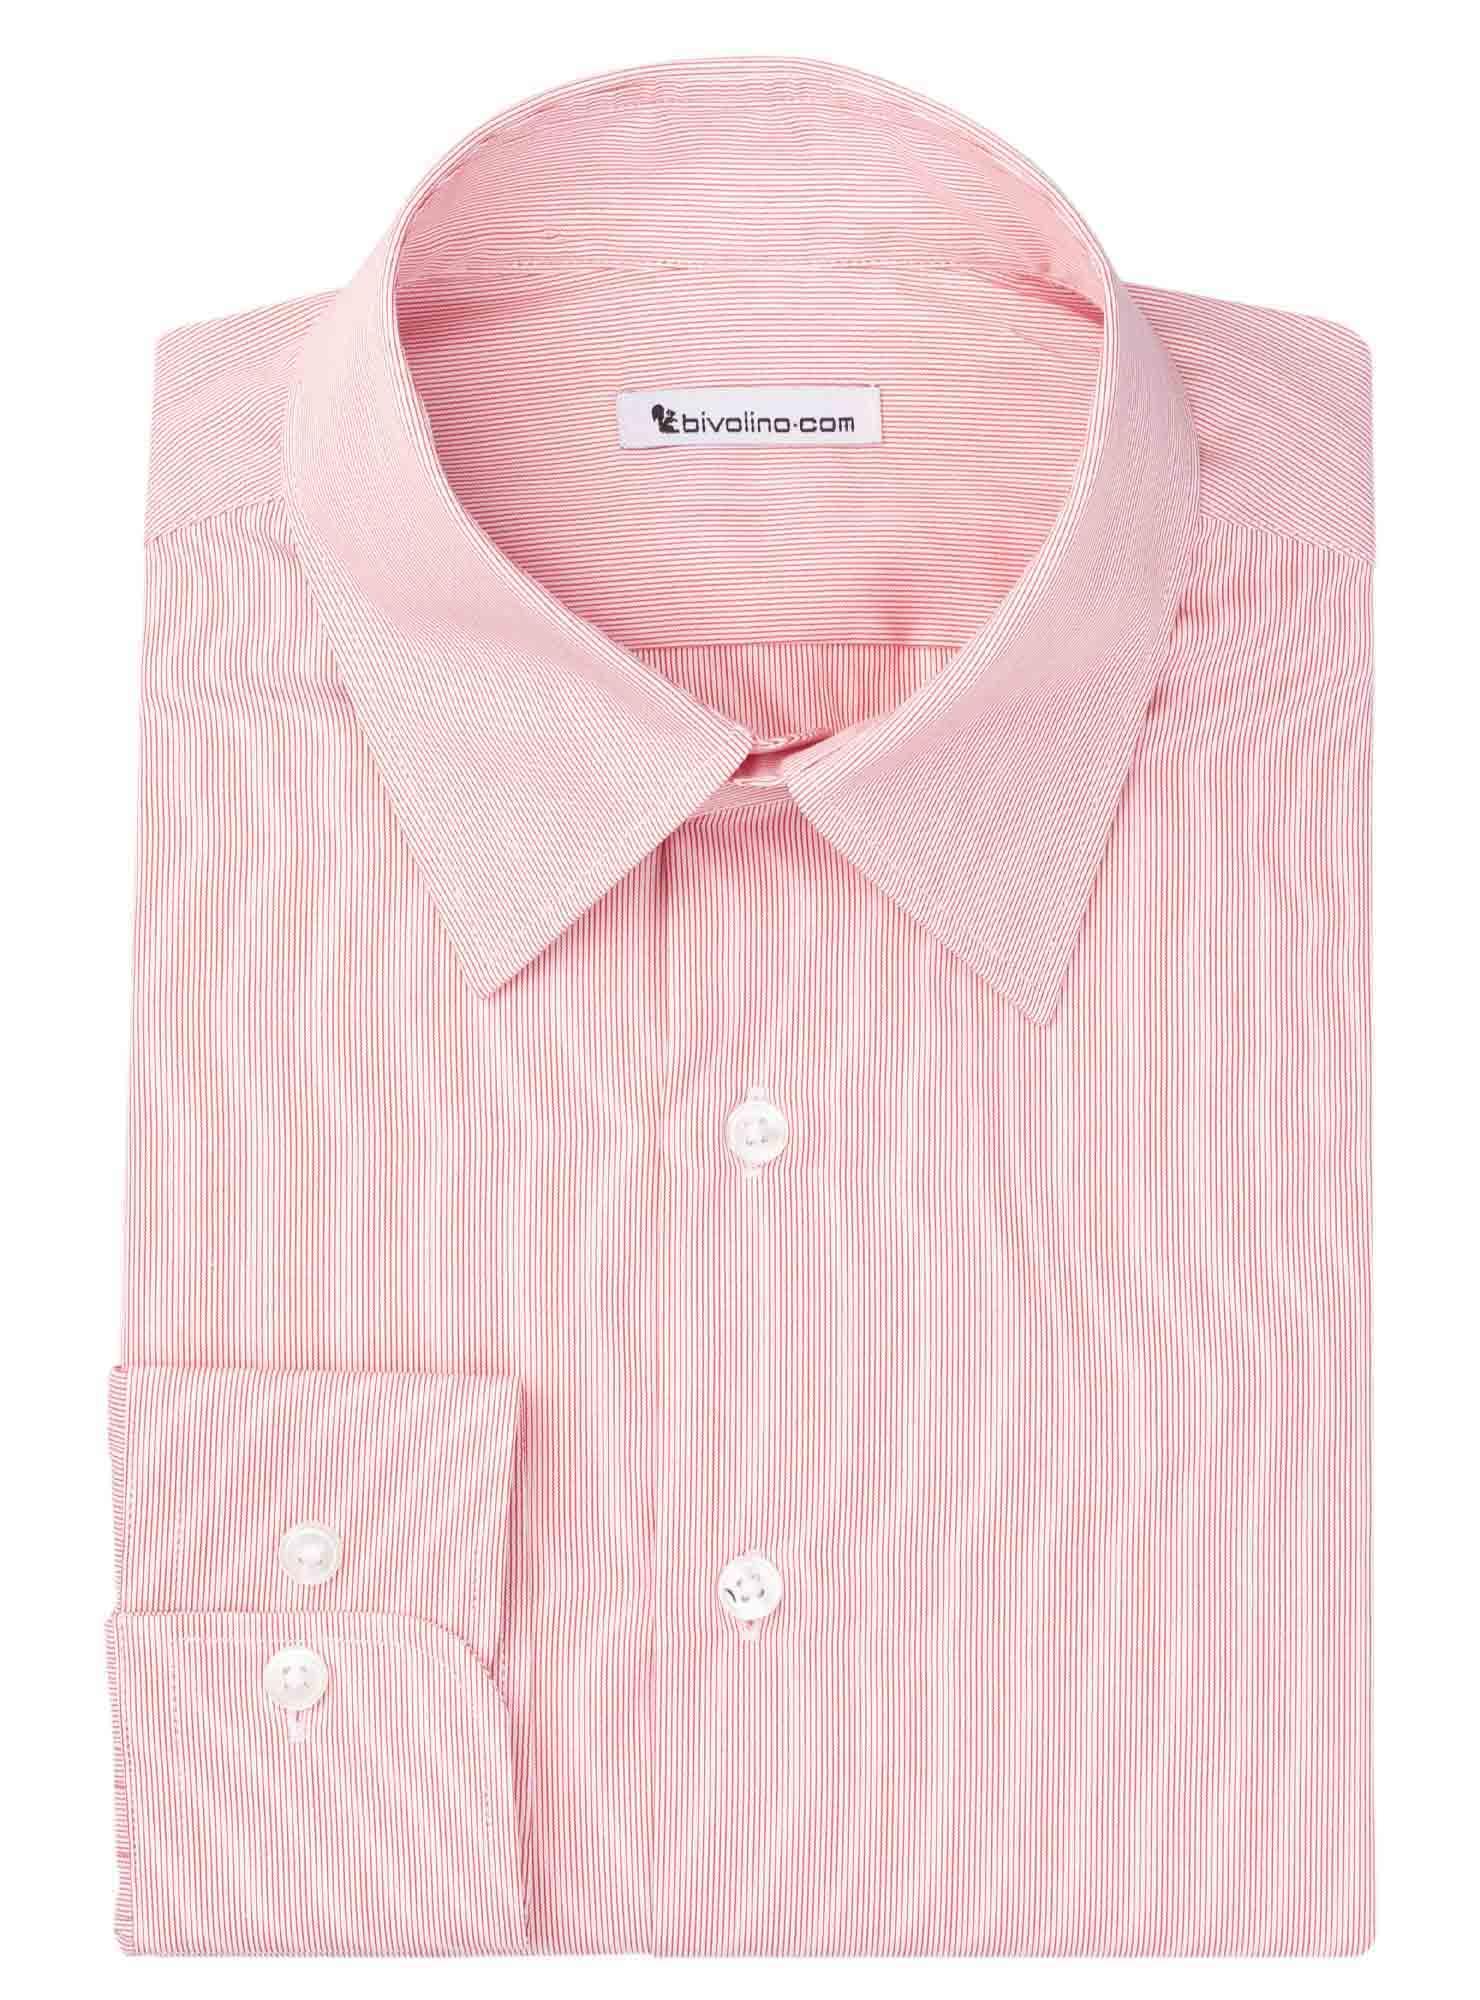 BRESCIA  - Men's shrt cotton 2ply red stripe - WINDY 4